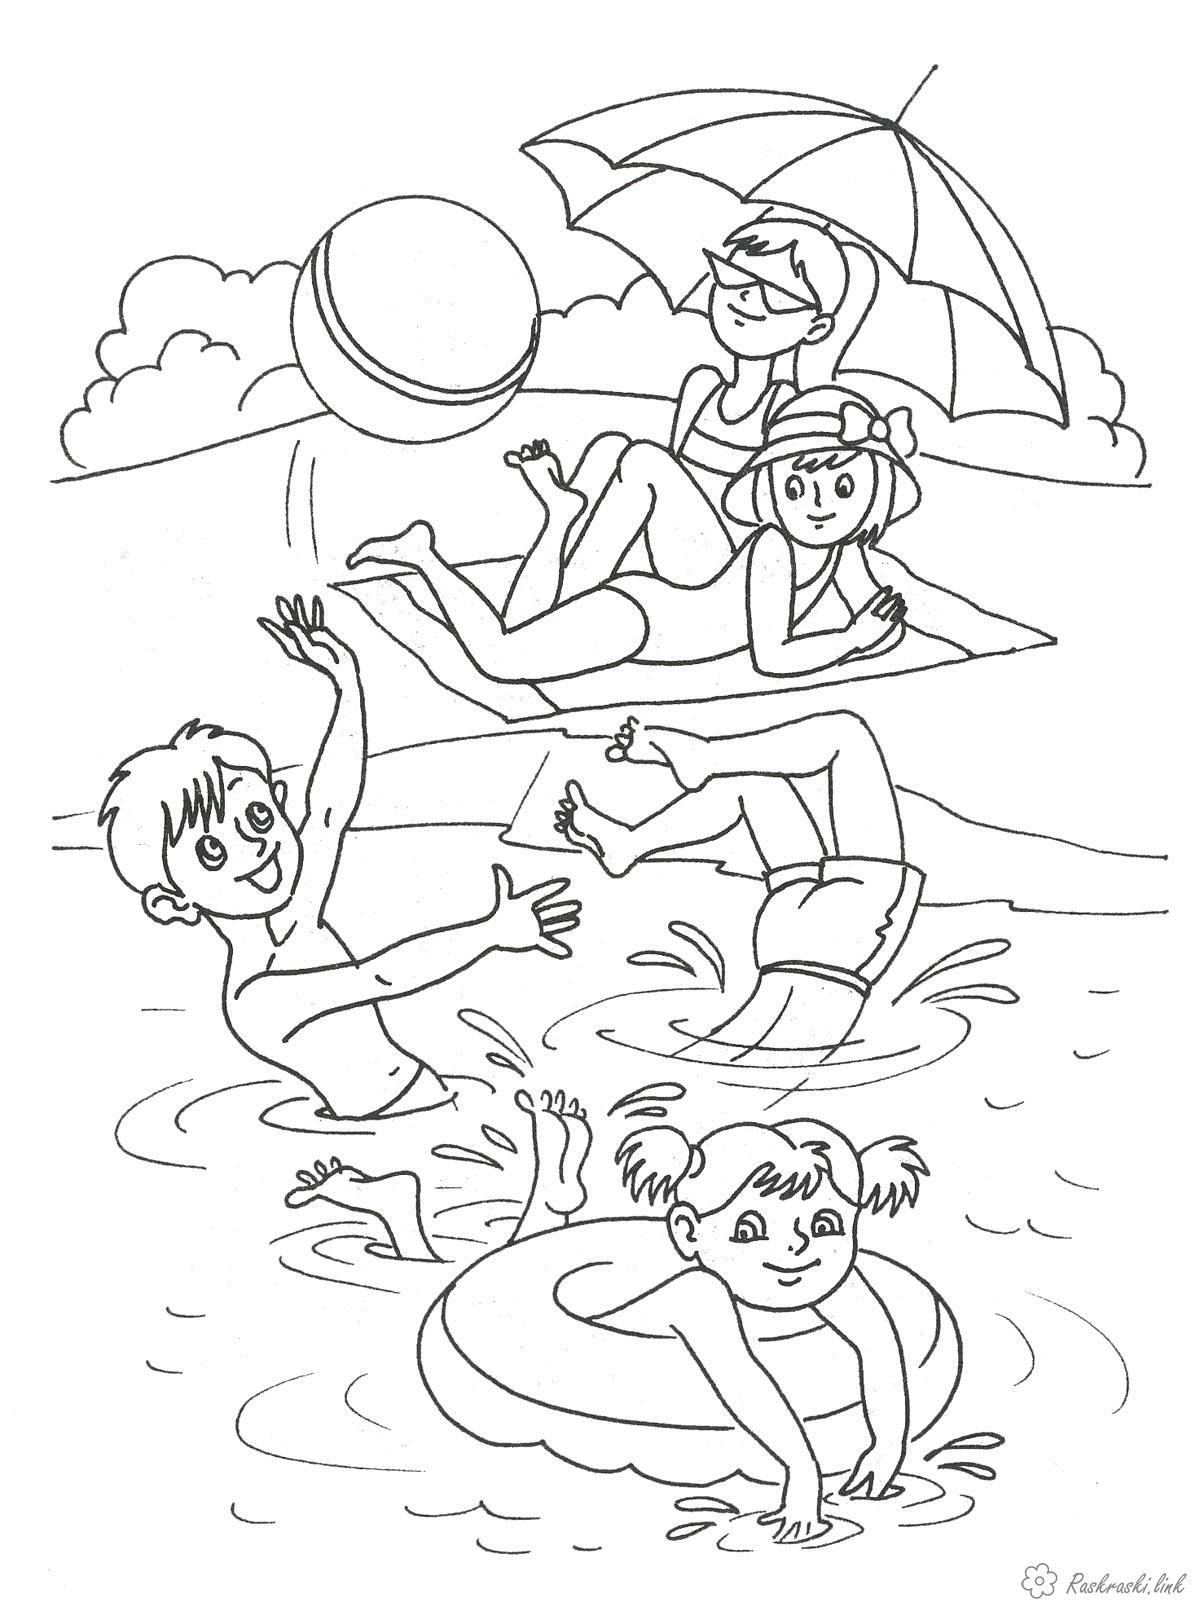 Раскраски озеро праздник 1 июня день защиты детей дети игра лето пляж озеро море